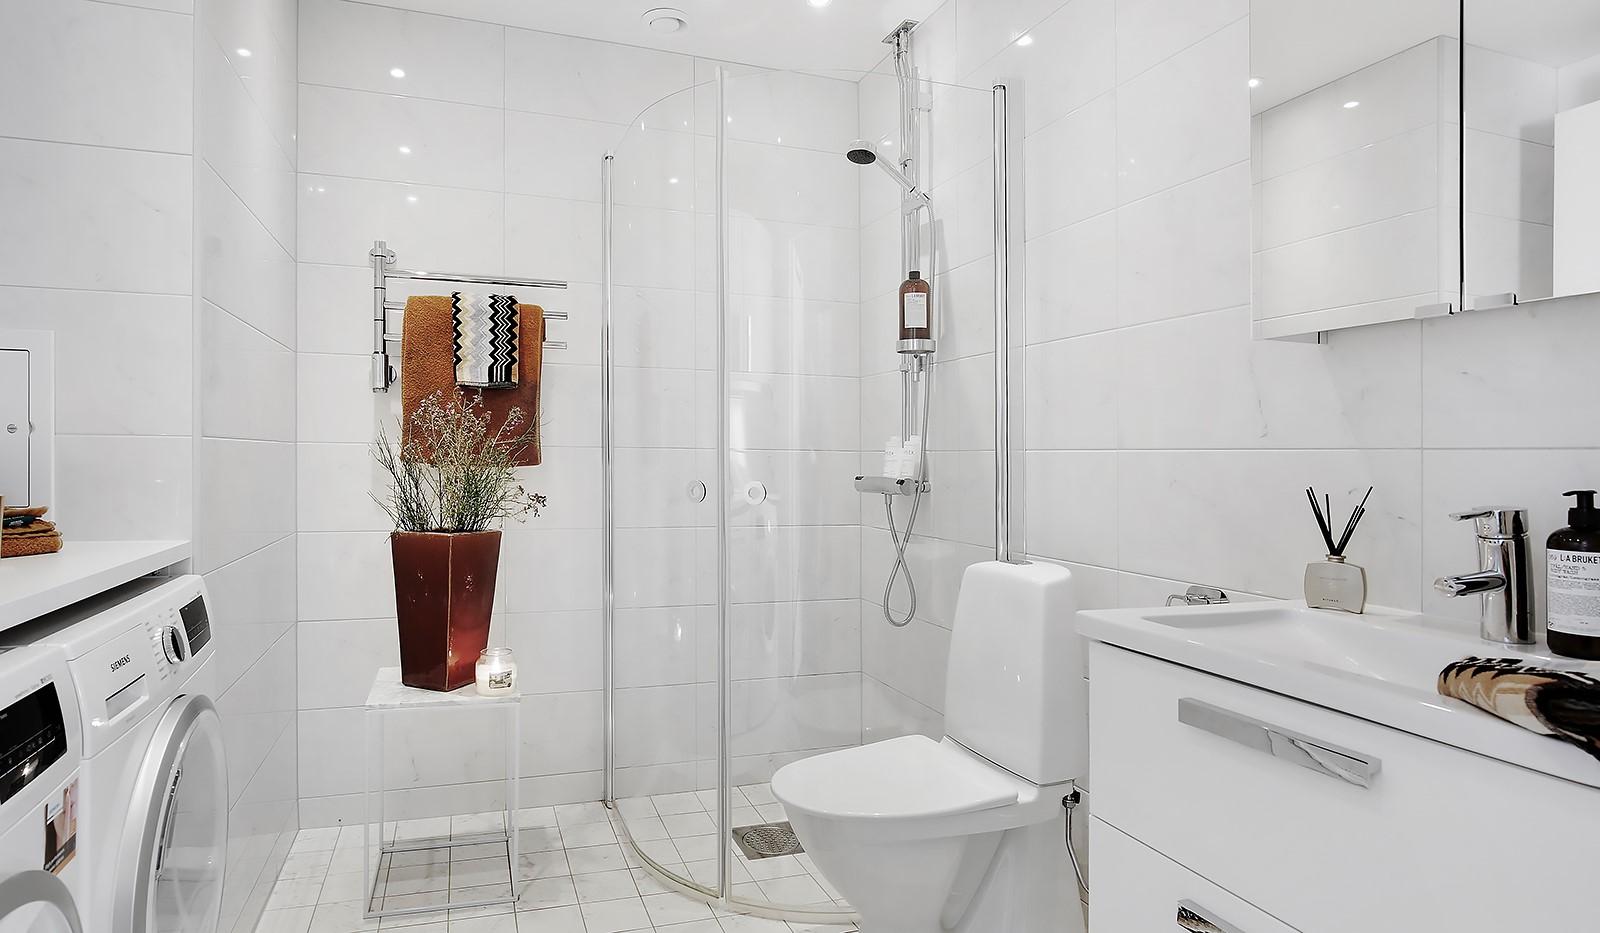 Fredriksdalsgatan 24, vån 6 - Stilrent badrum i Carraramarmor